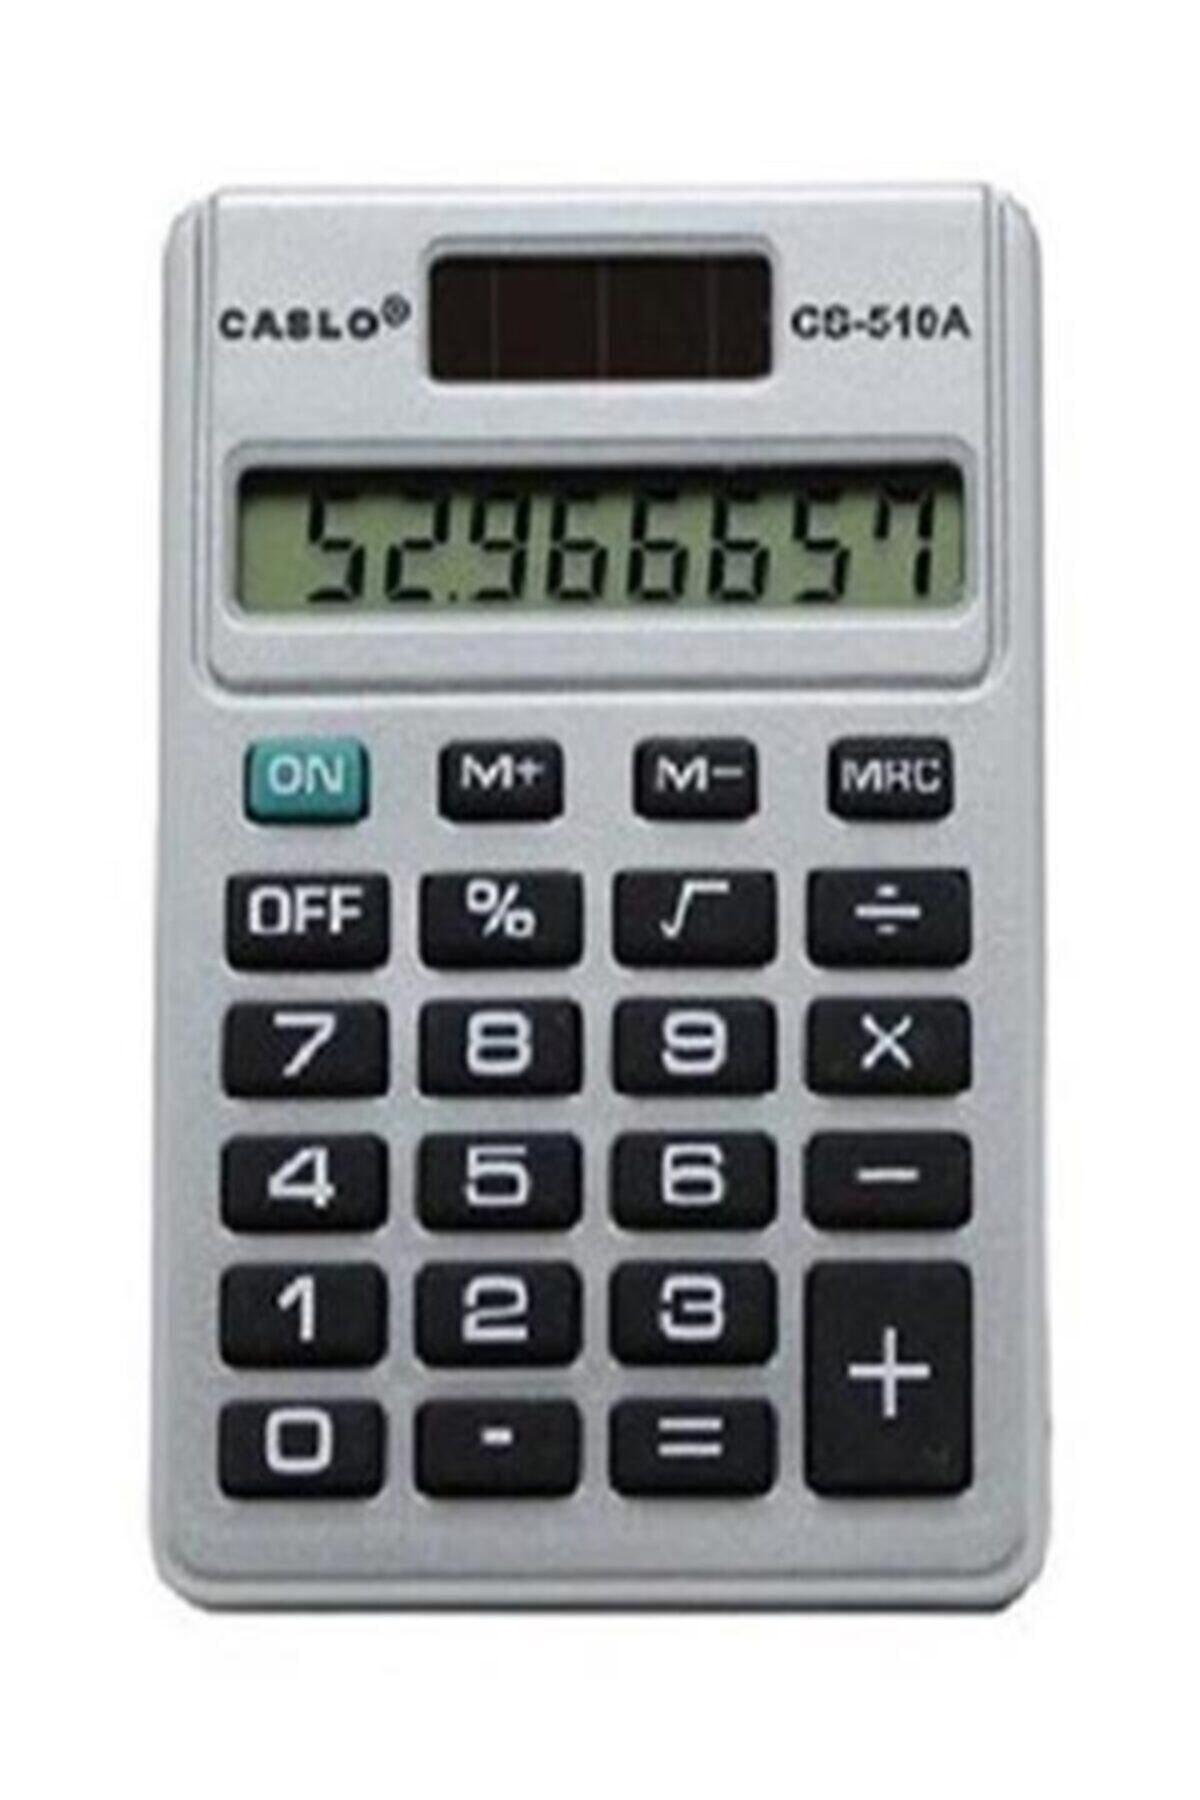 Caslo Cs510a Hesap Makinesi Fiyatı, Yorumları - Trendyol